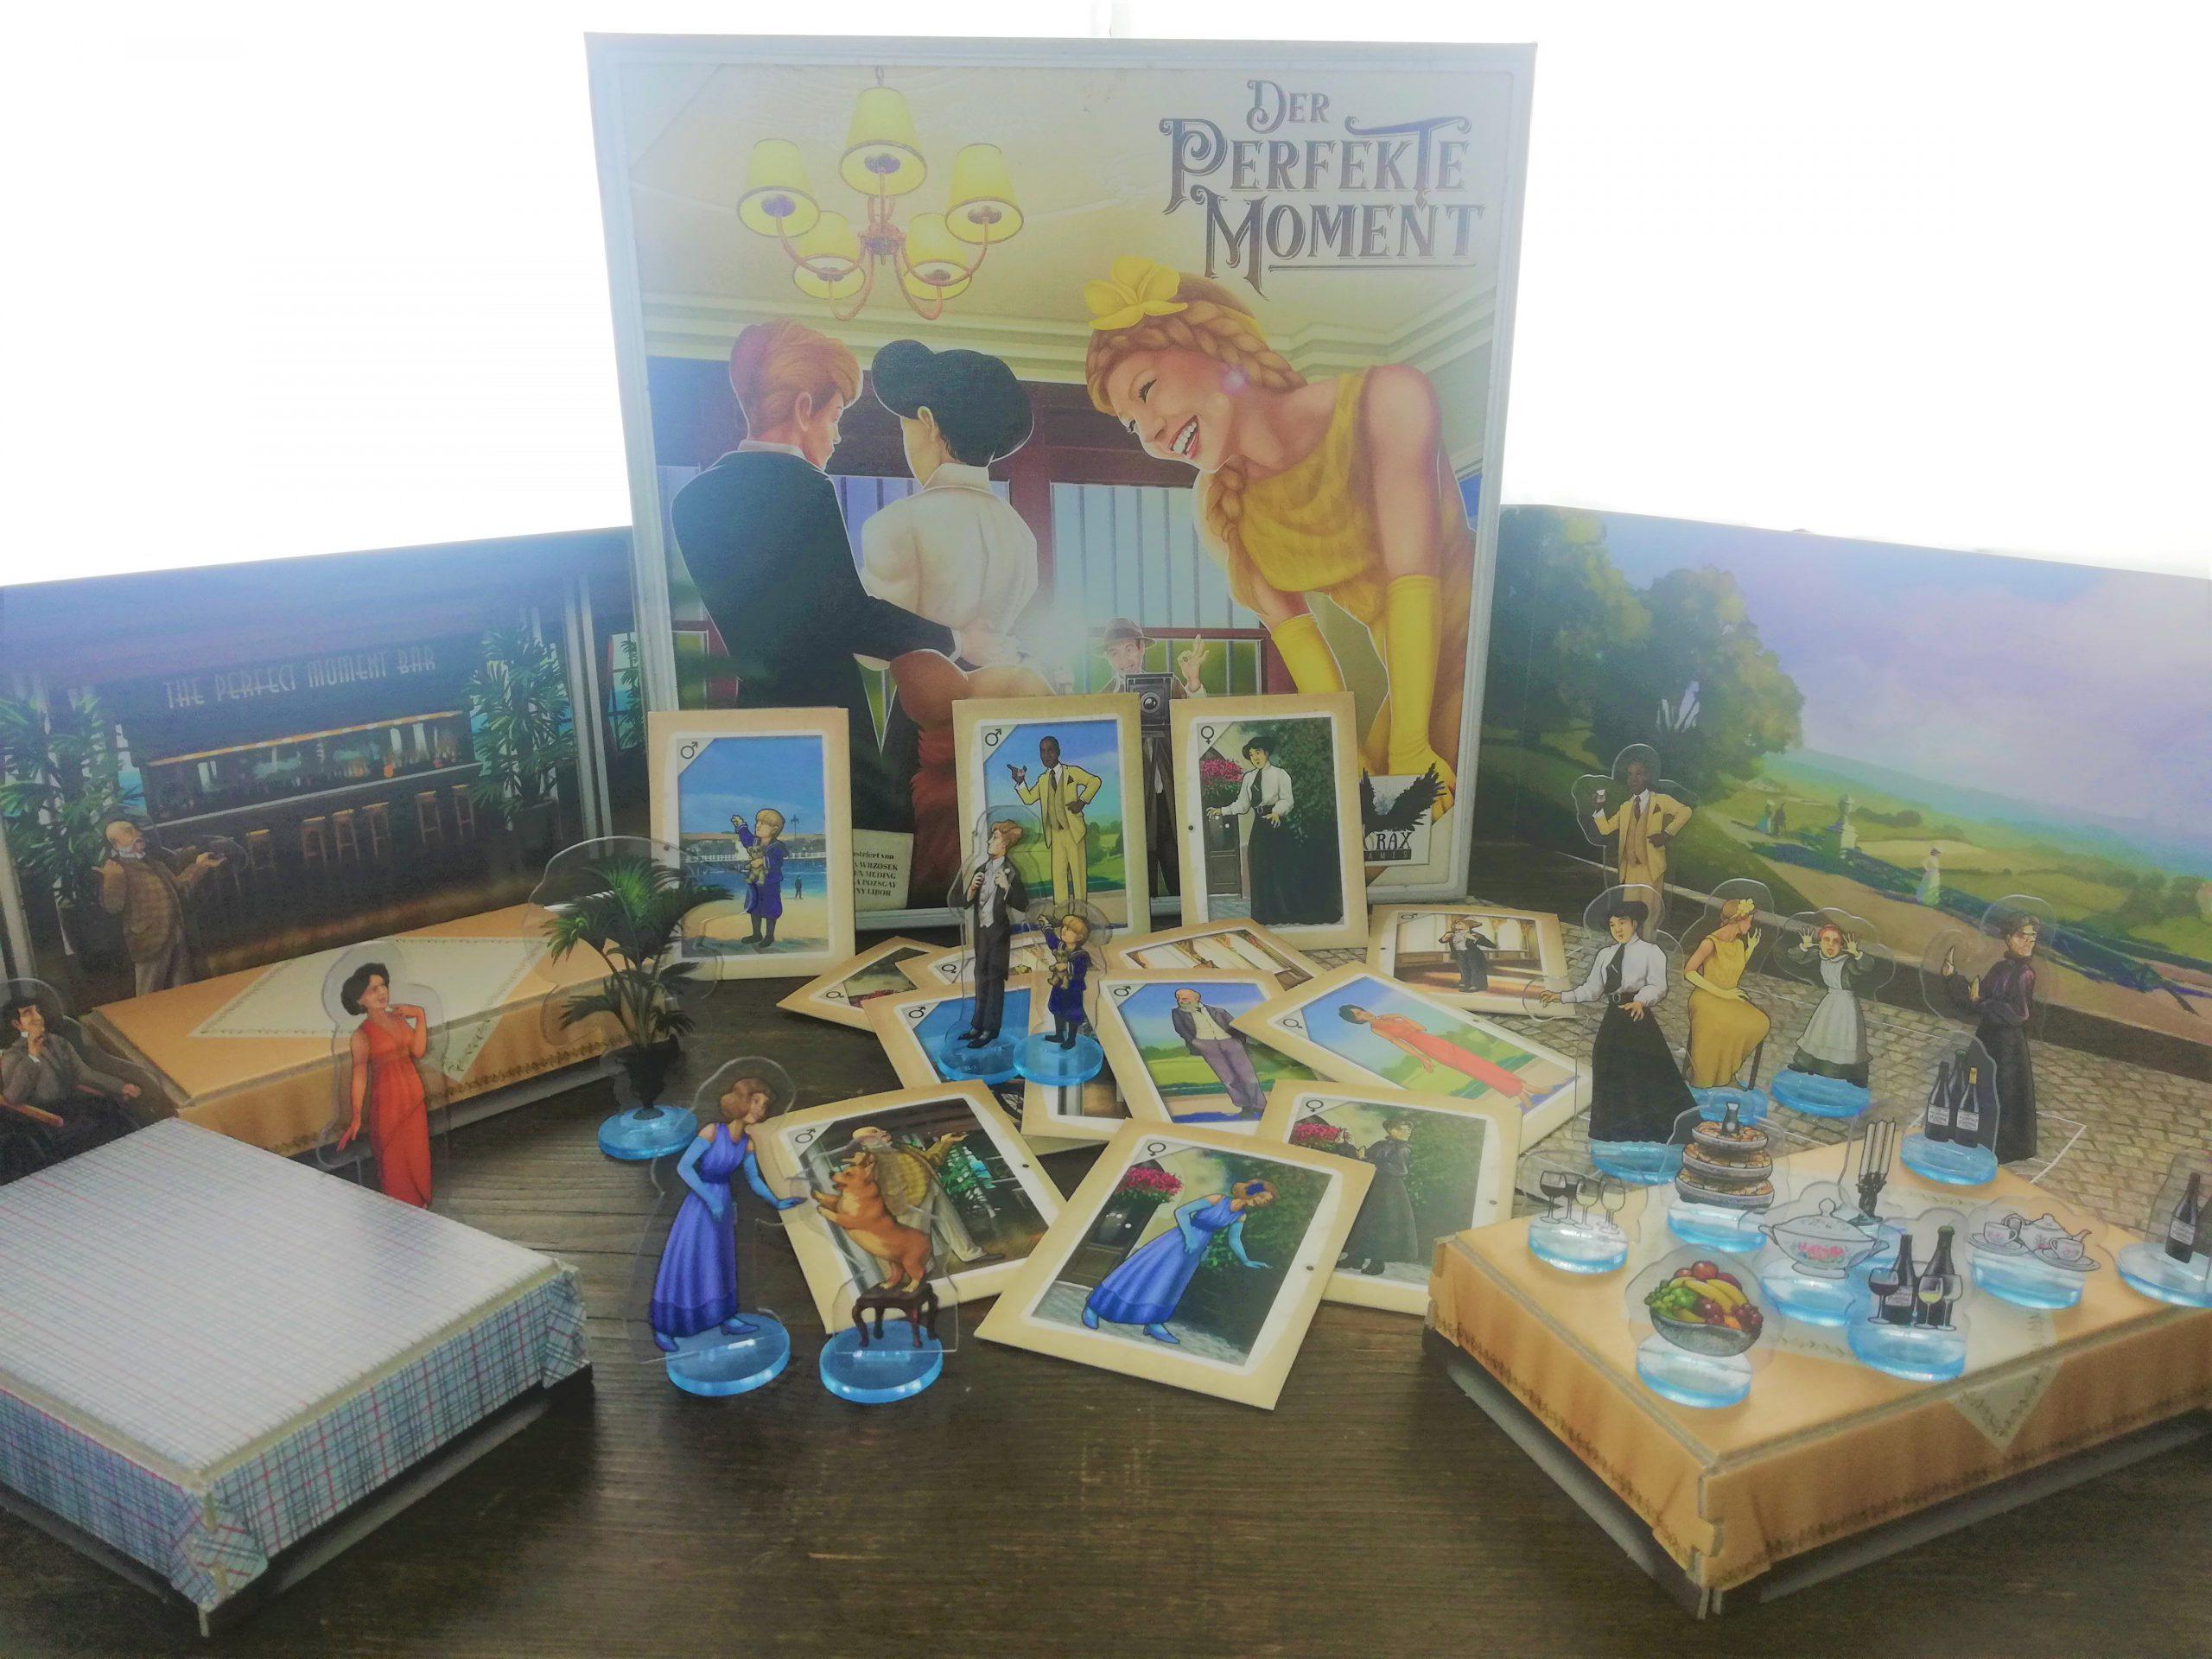 Inhalt Der Perfekte Moment Tische Boden Personenkarten